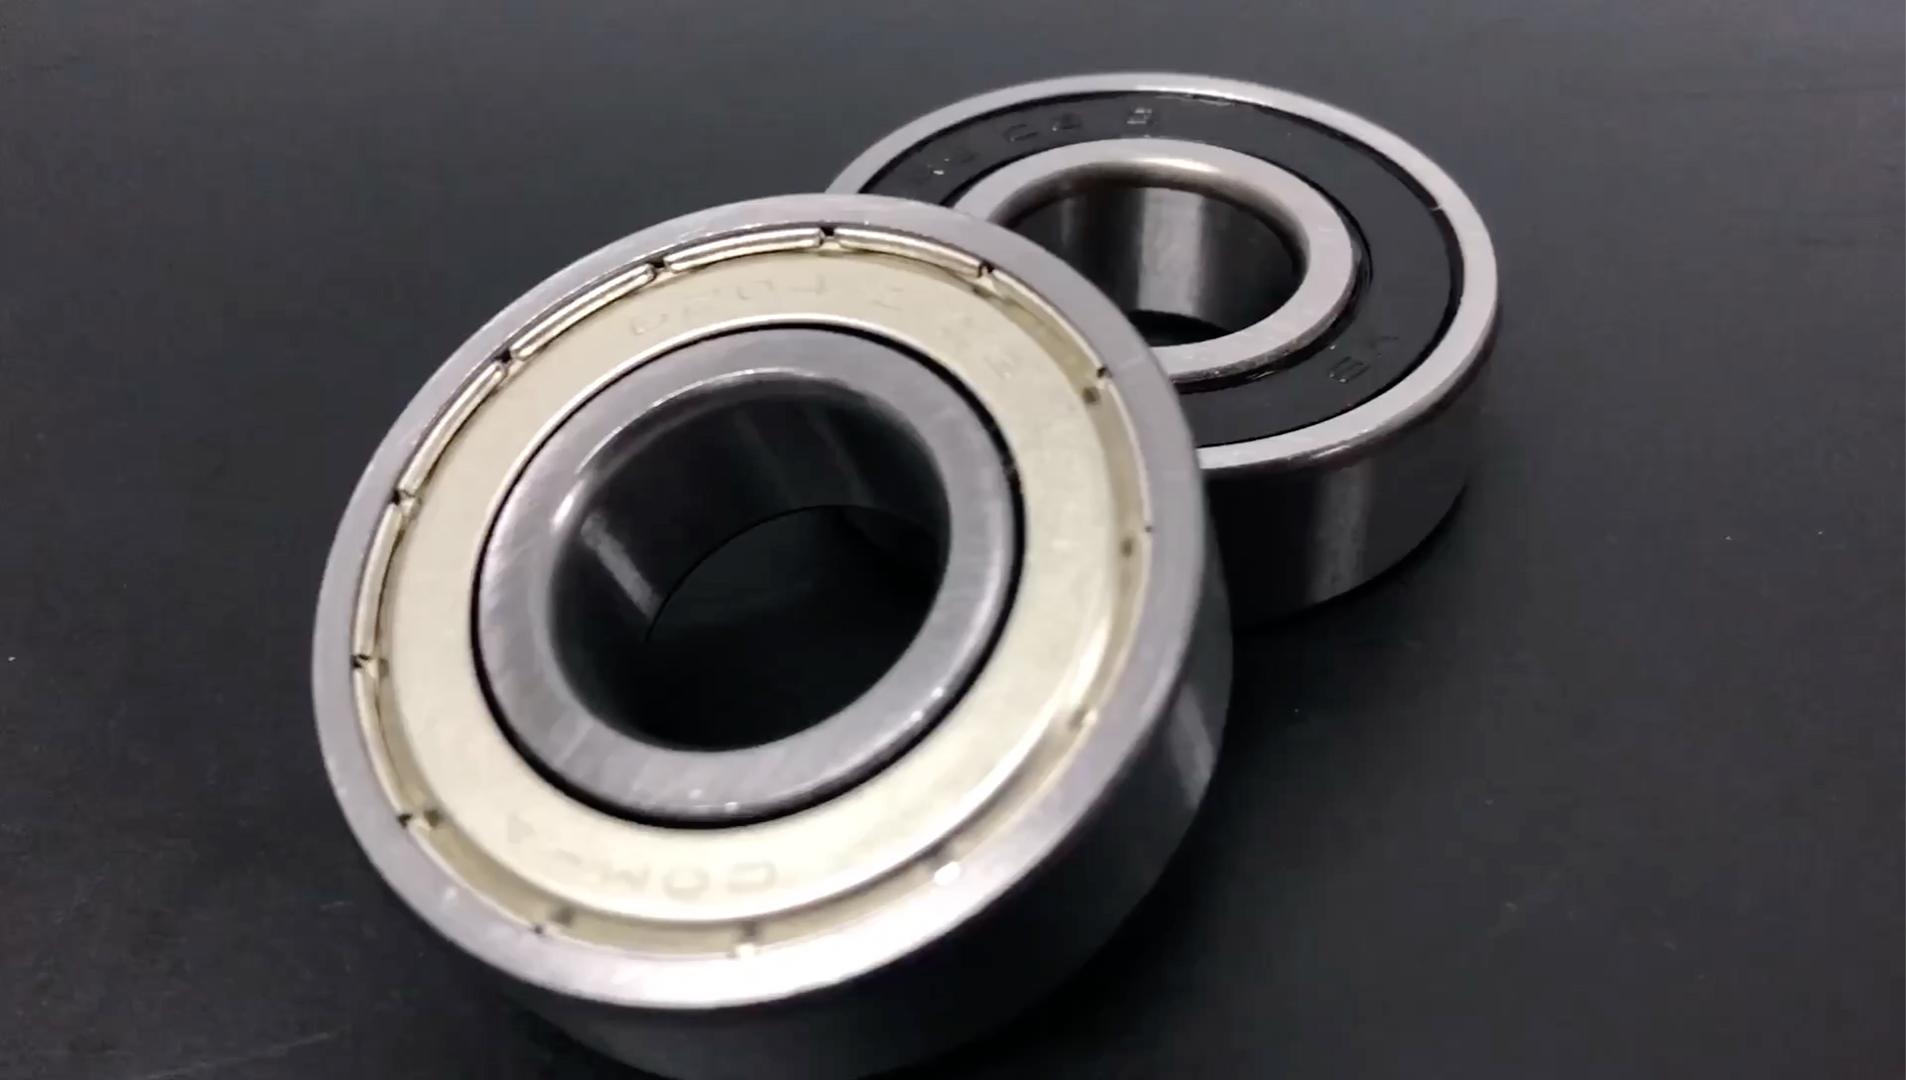 중국 제조 고품질 최고의 가격 정밀 턴테이블 세라믹 볼 베어링 15mm 내부 보어 베어링 깊은 그루브 베어링